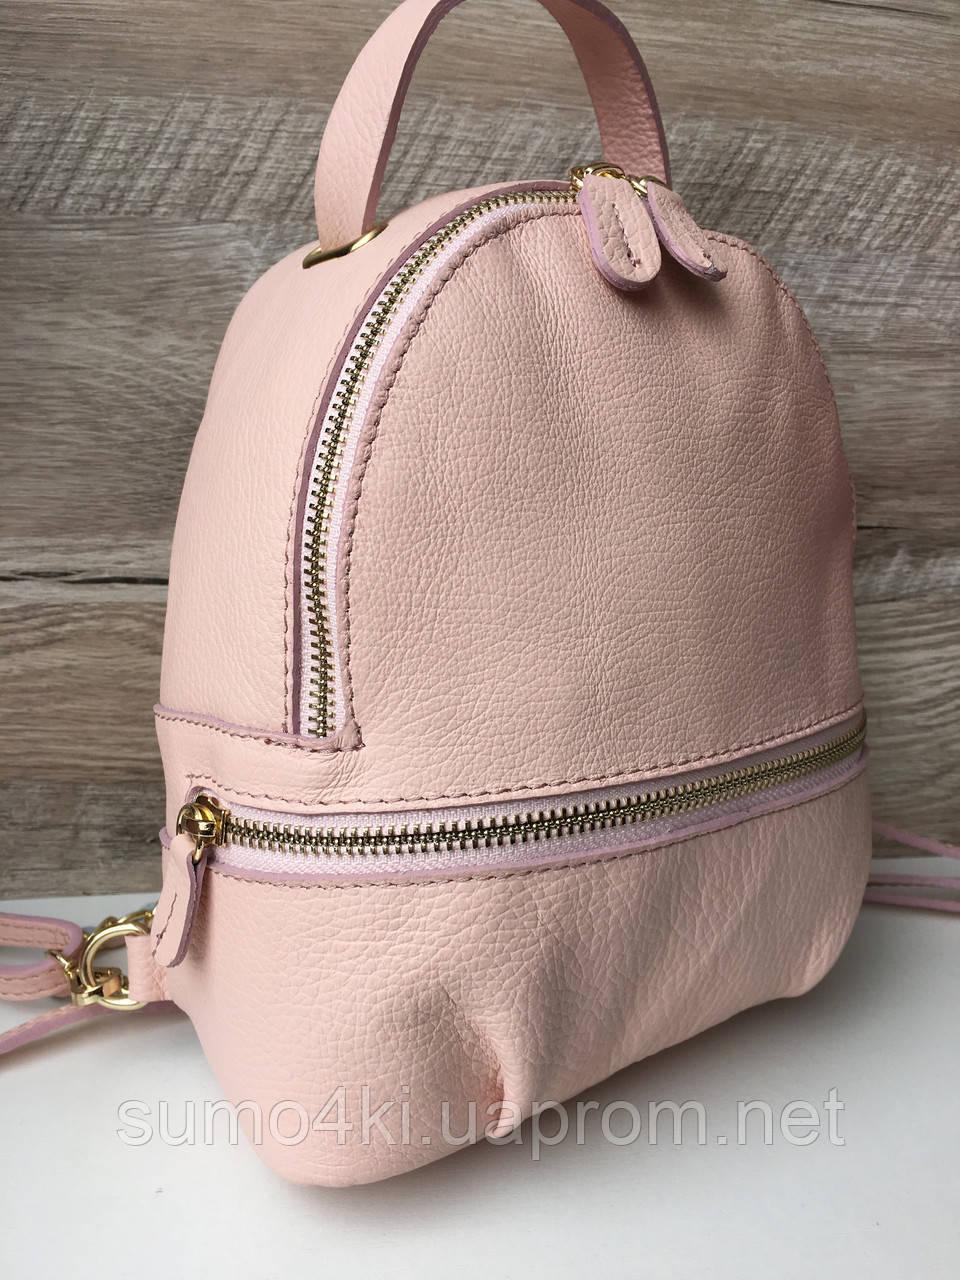 Купить Кожаный маленький рюкзак сумку Пудру Белый Чёрный Италию ... ad4b996278d